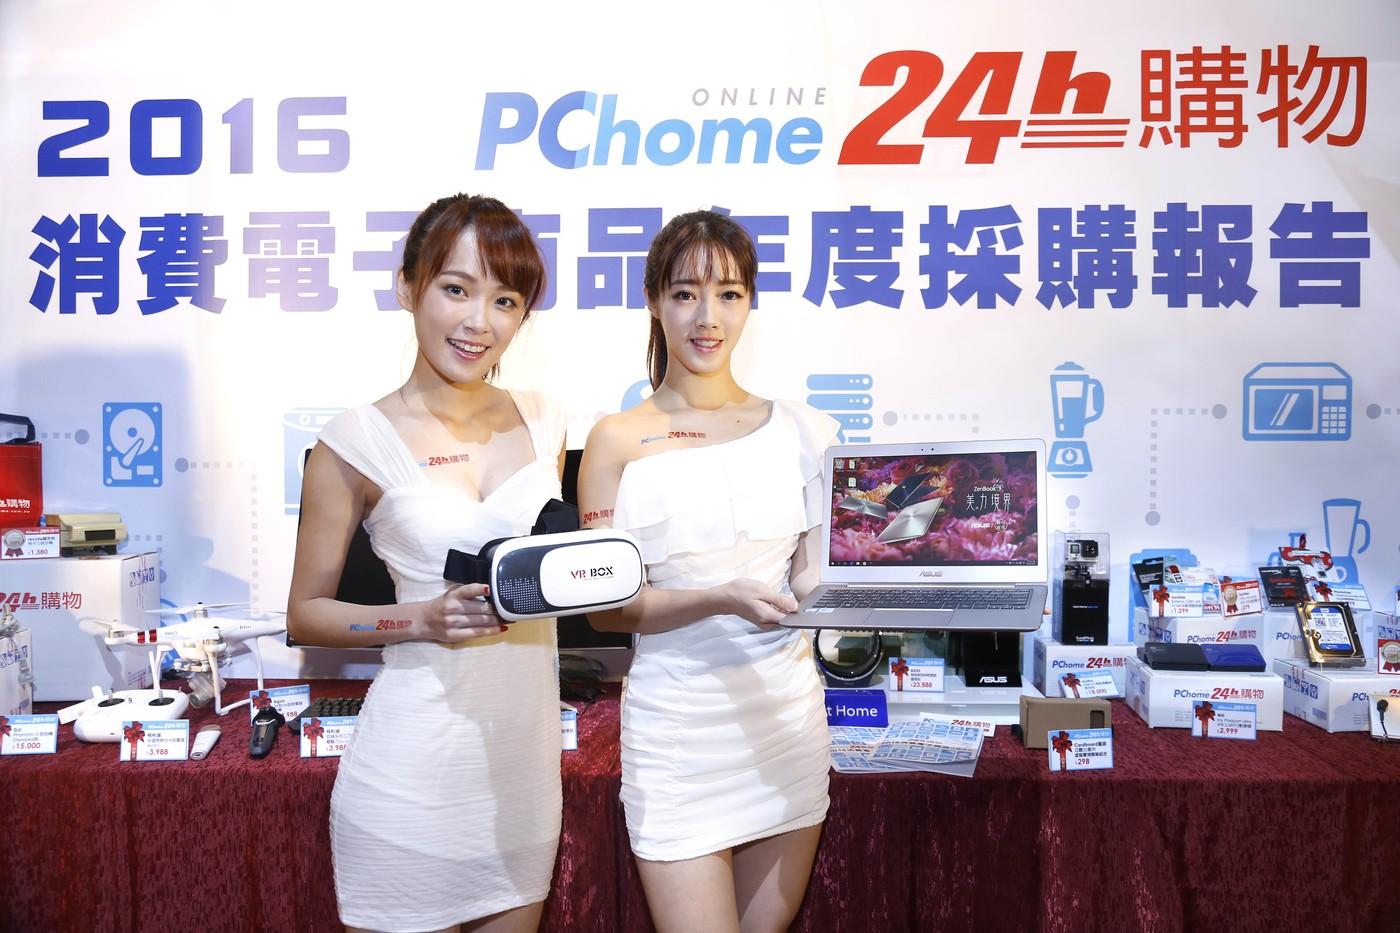 360度圍攻,PChome不讓AI追著消費者跑